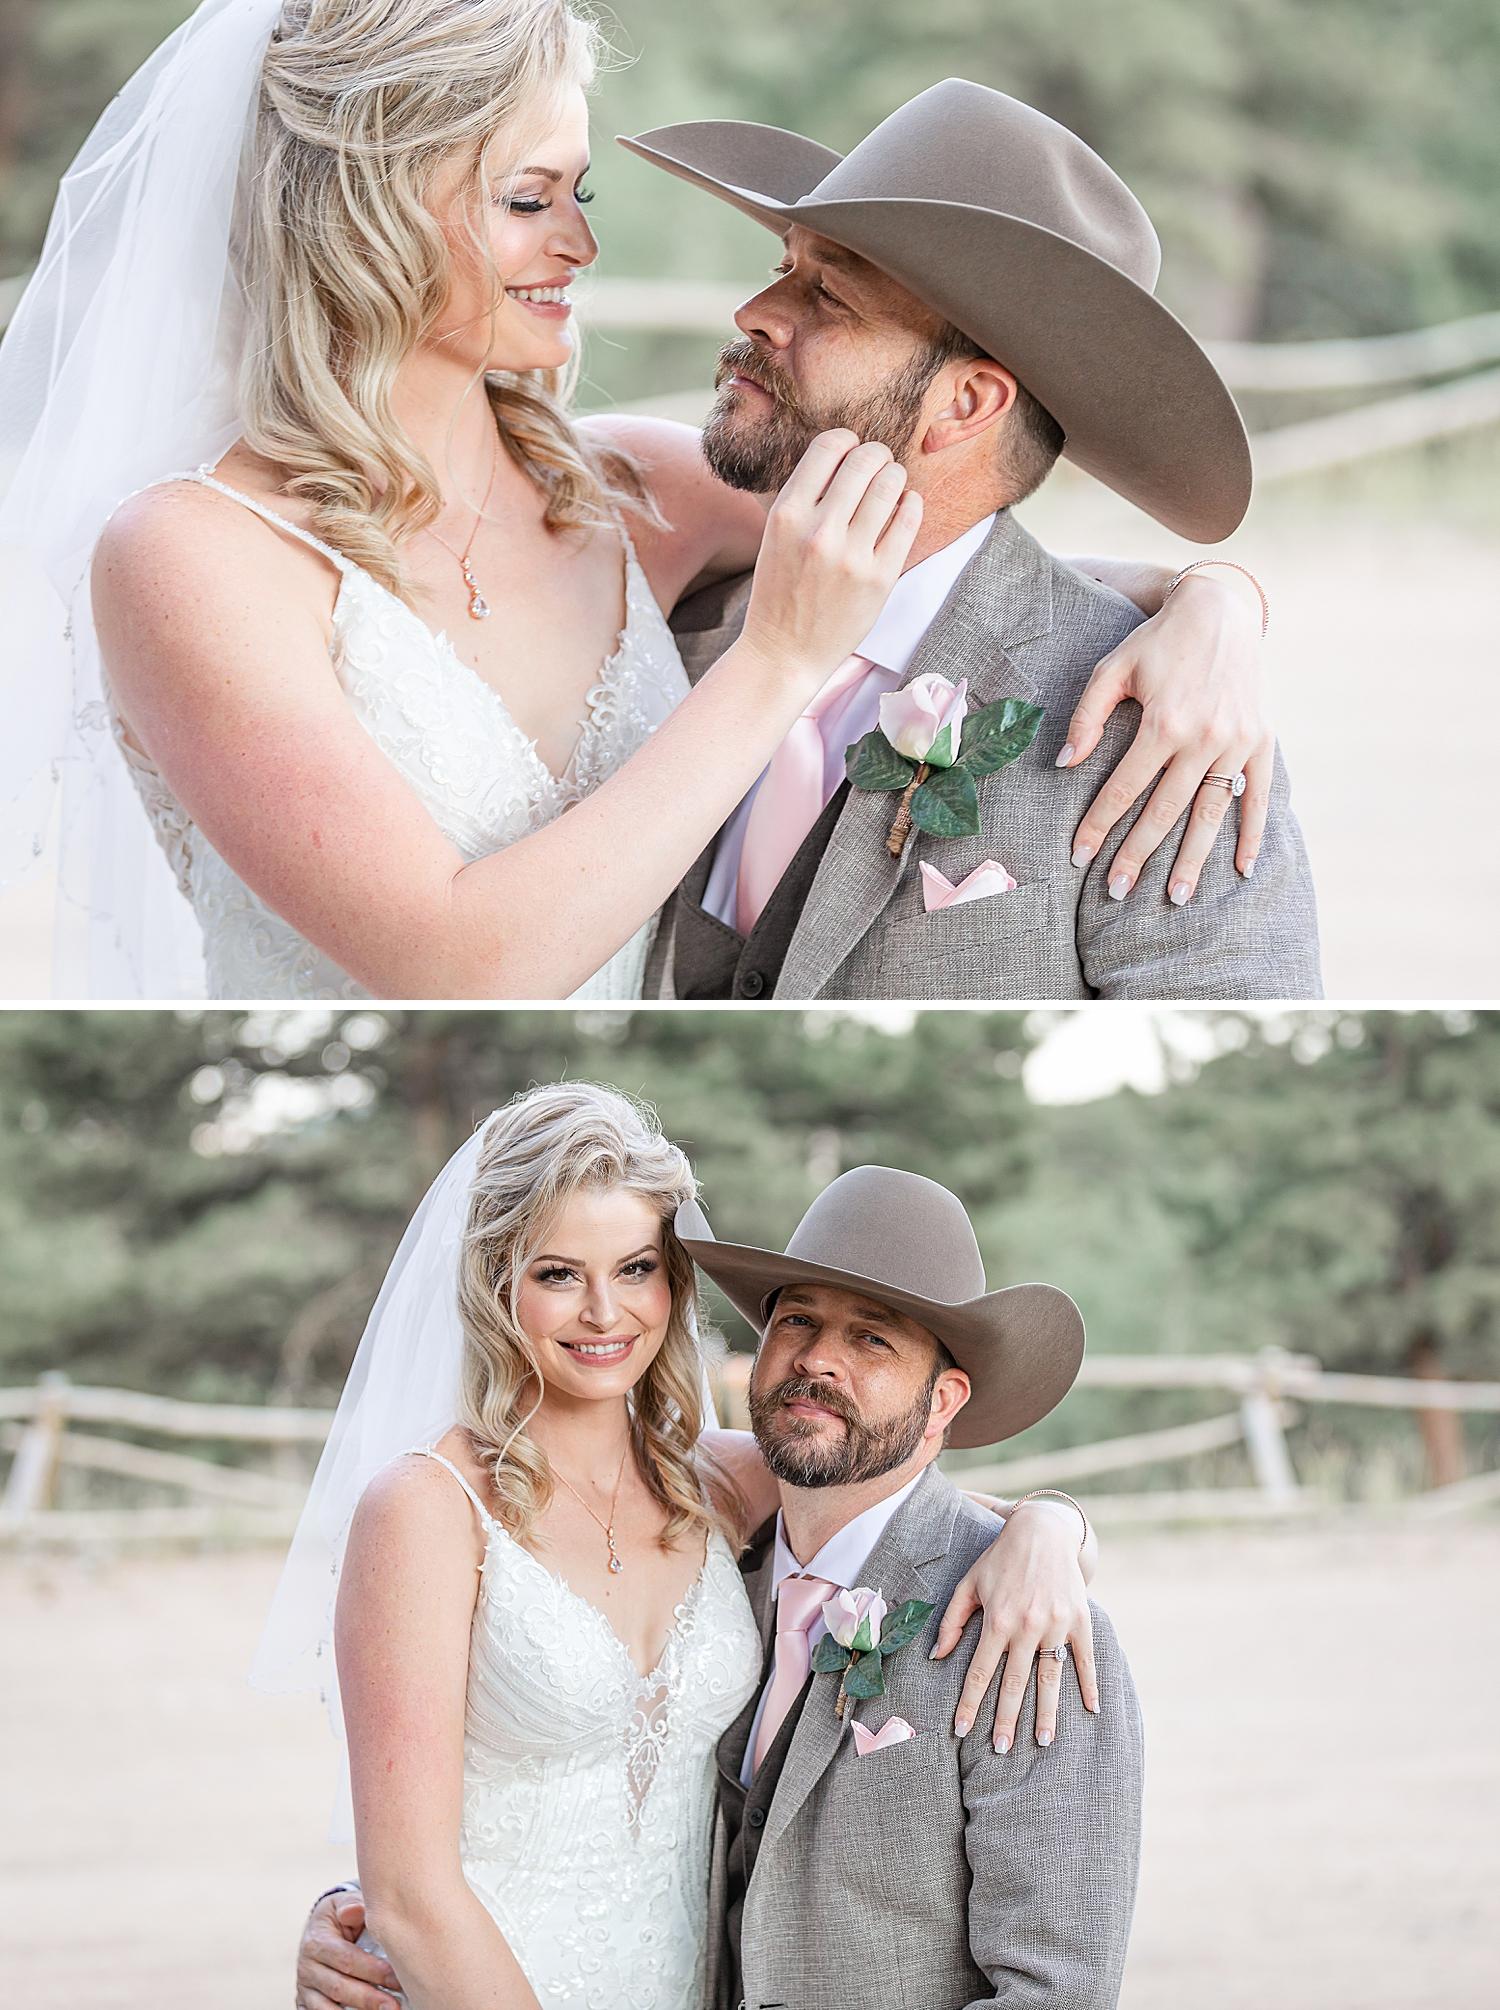 Carly-Barton-Photography-Rocky-Mountain-National-Park-Estes-Park-Wedding-Elopement_0046.jpg